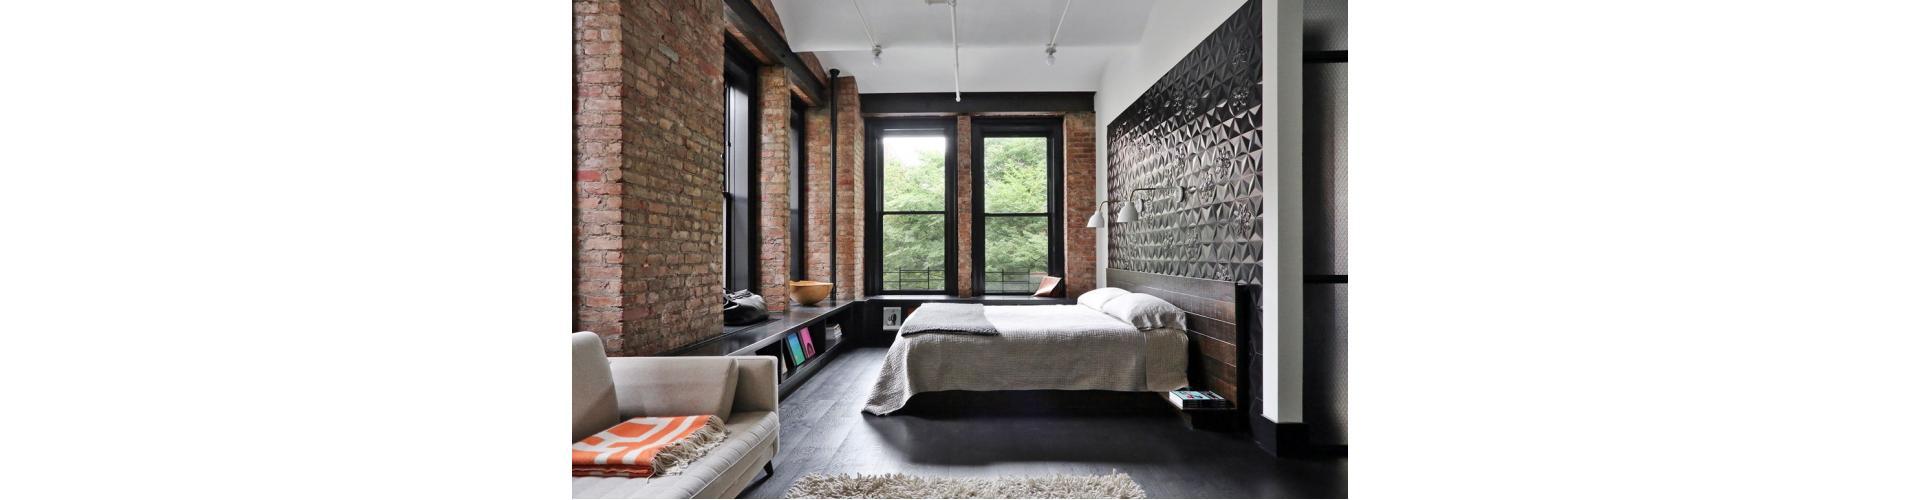 Яким повинен бути сучасний дизайн спальні 2020?